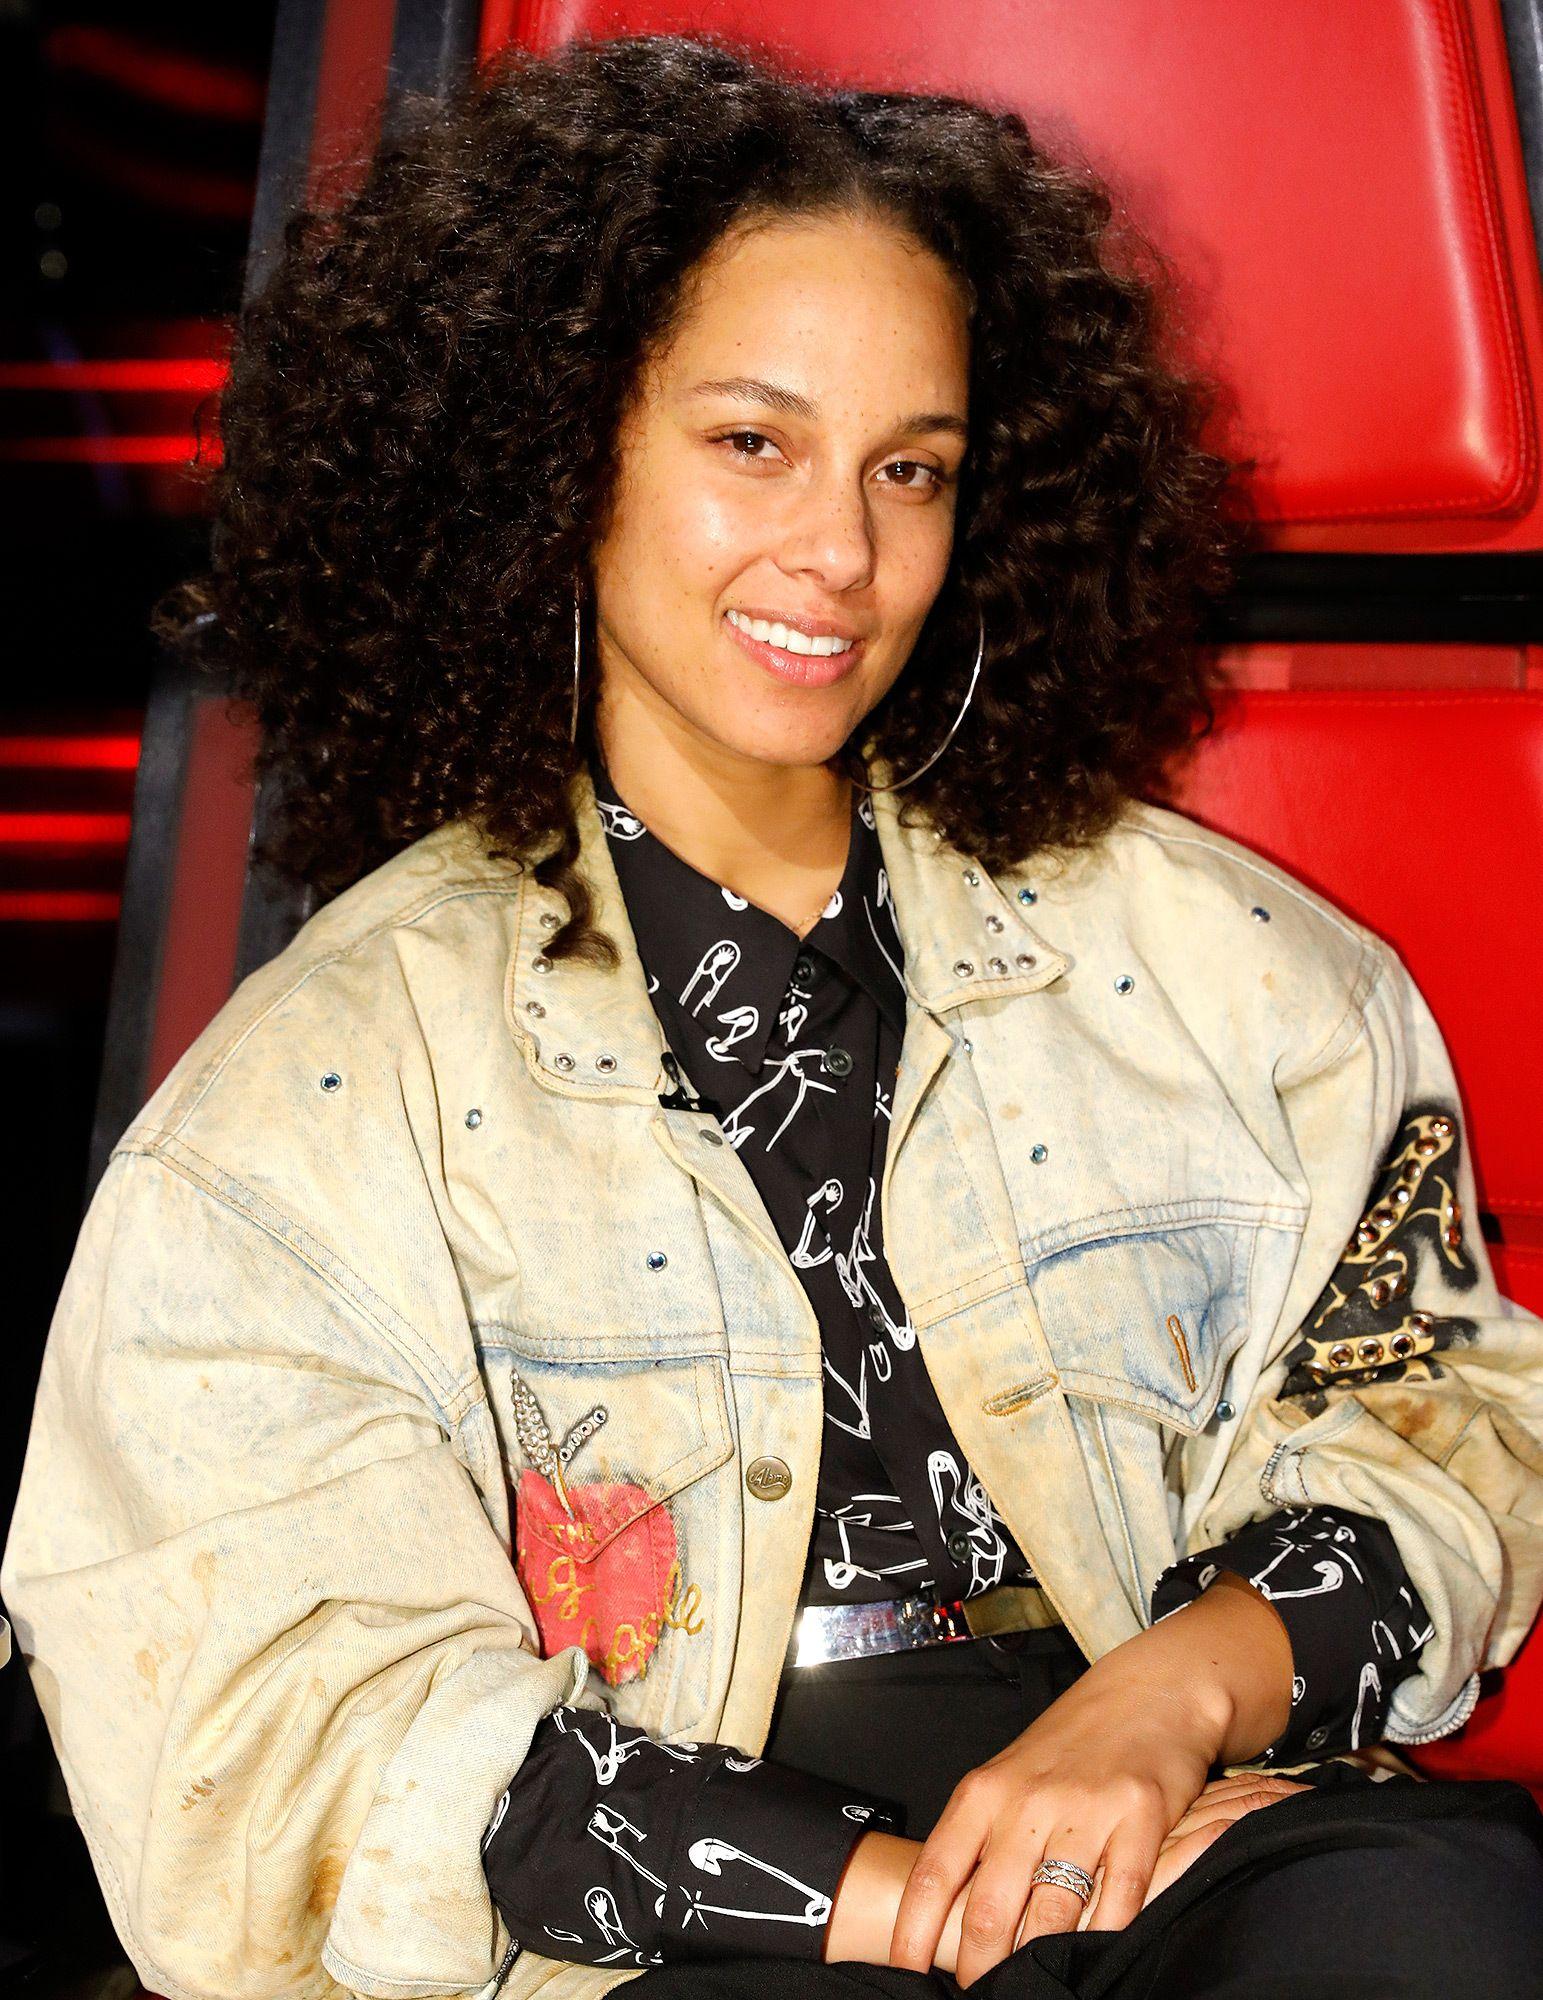 I Tried Alicia Keys No Makeup Beauty Routine Did It Work Beauty Routines Alicia Keys No Makeup Morning Beauty Routine